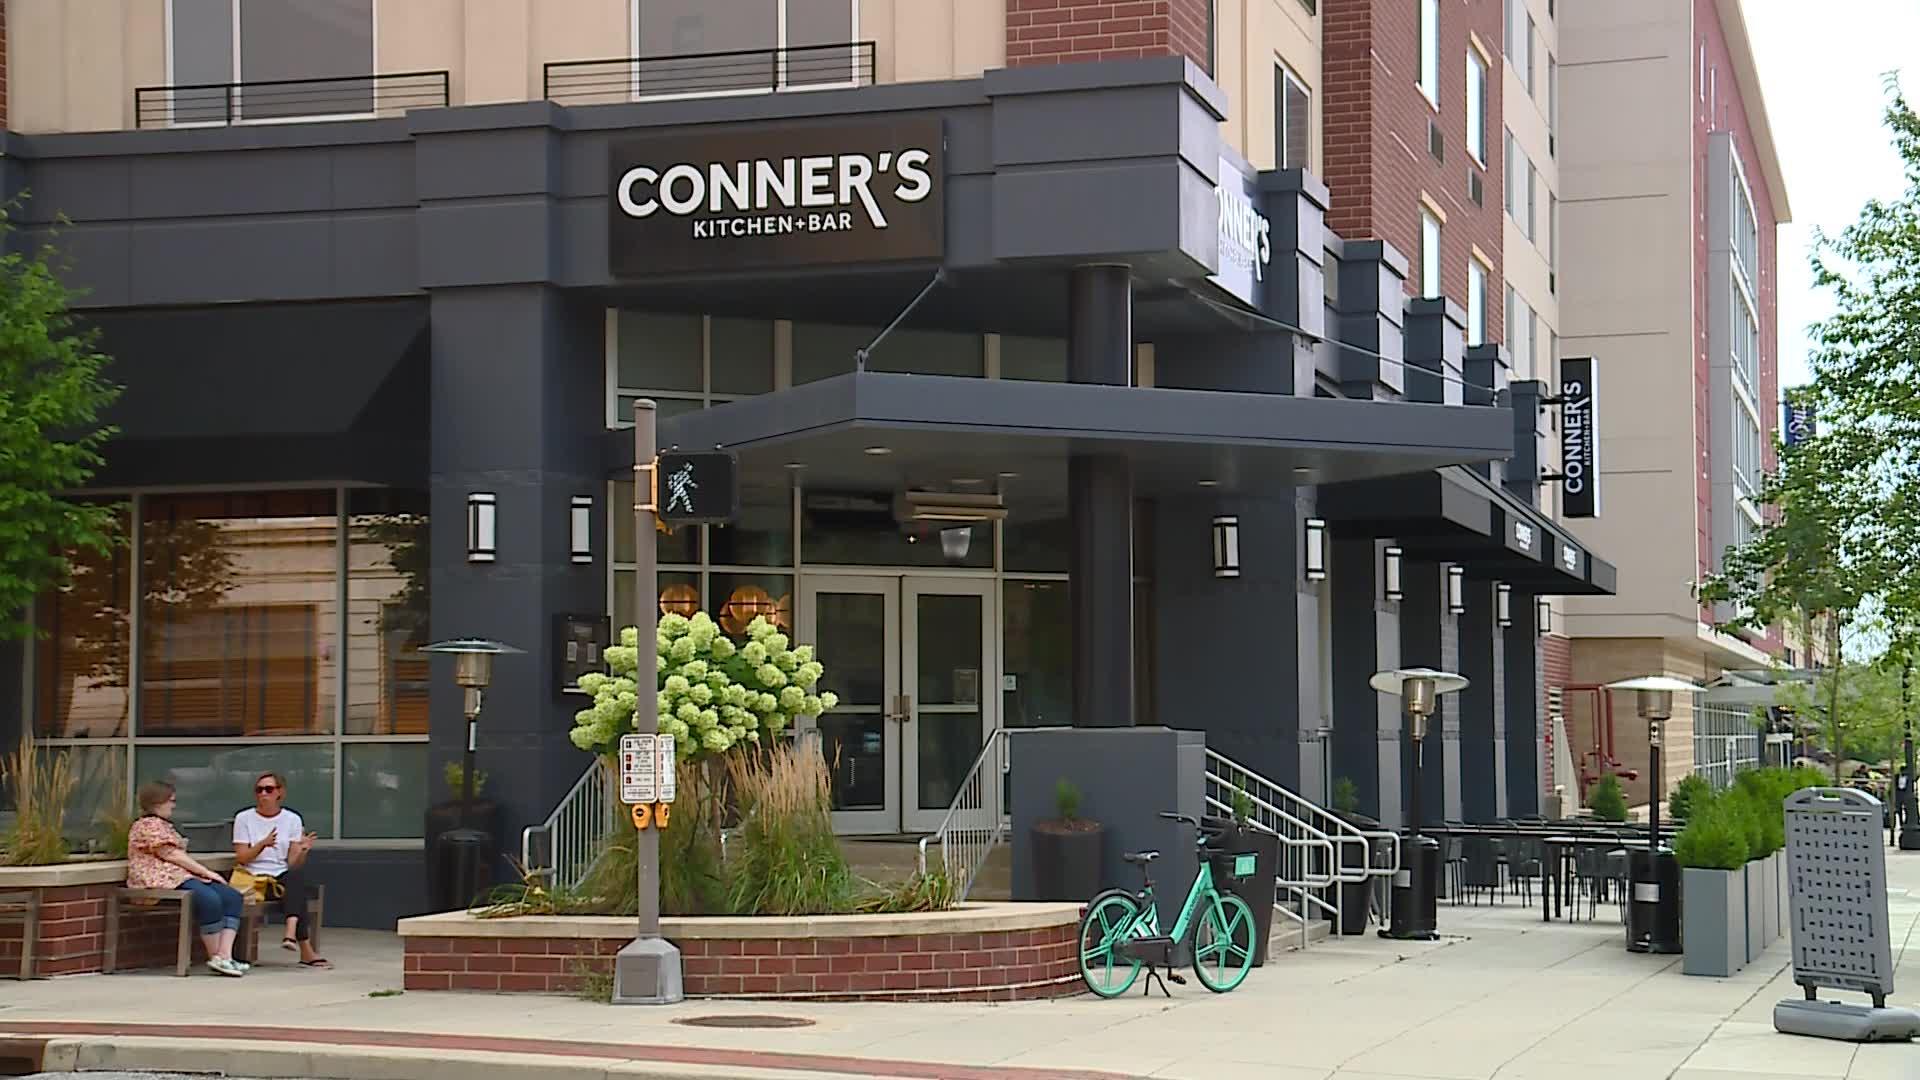 Conner's Kitchen + Bar